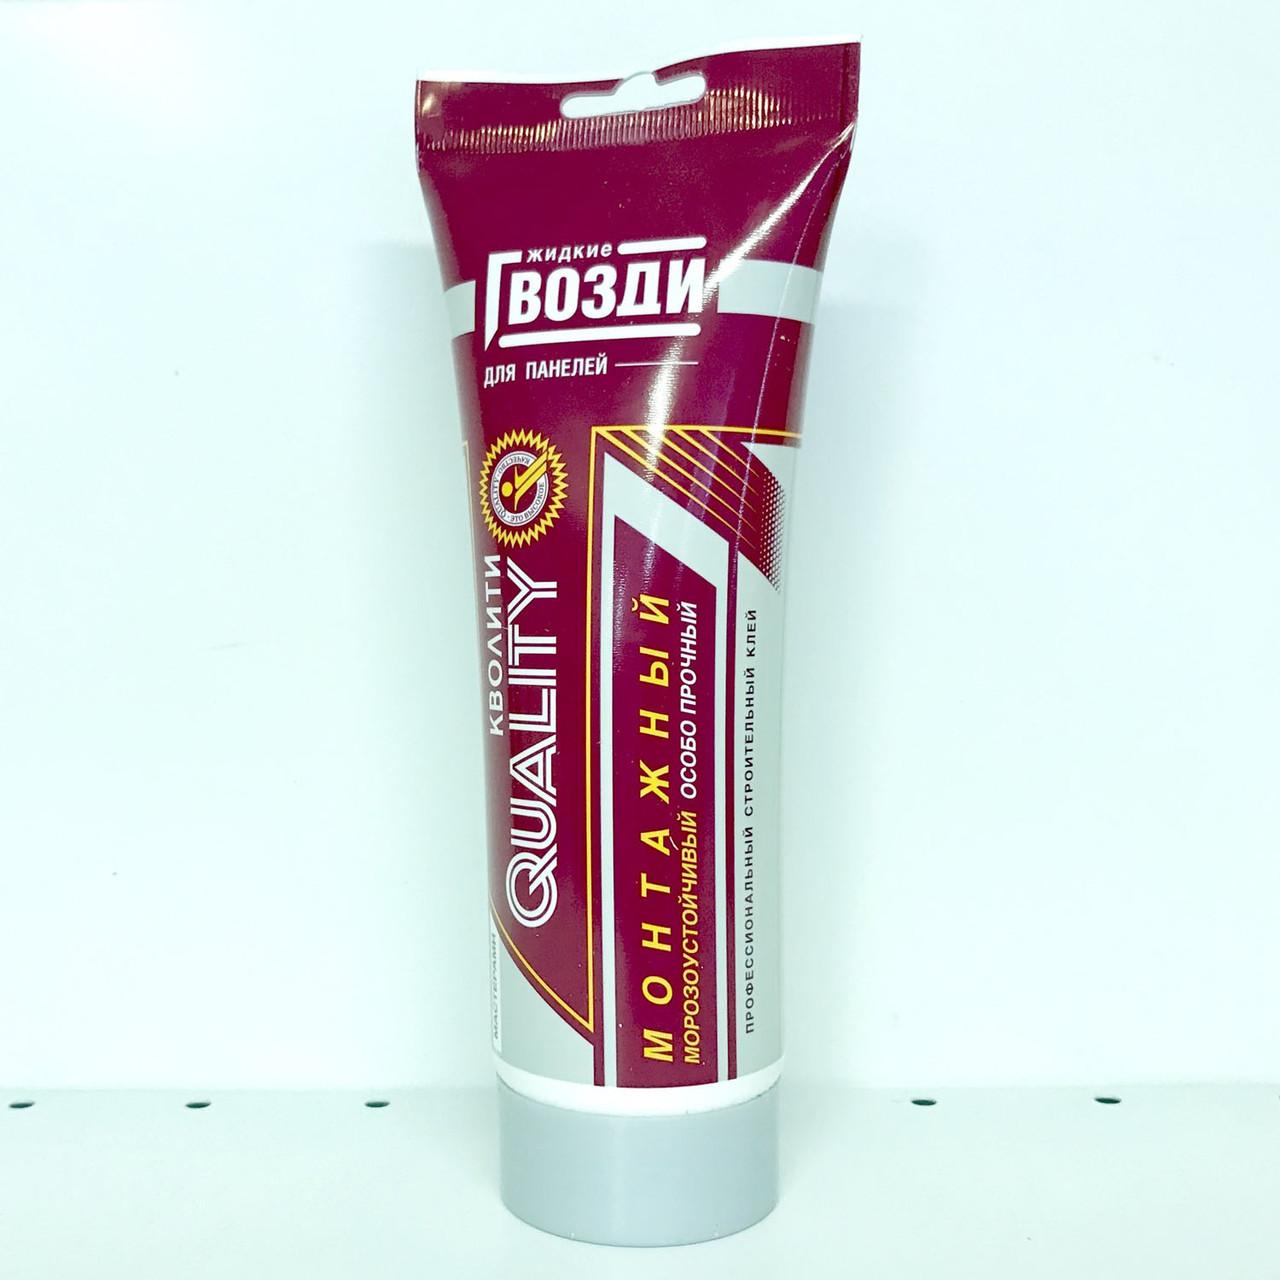 Жидкие гвозди «Quality» для панелей (200 мл)   12 шт/уп